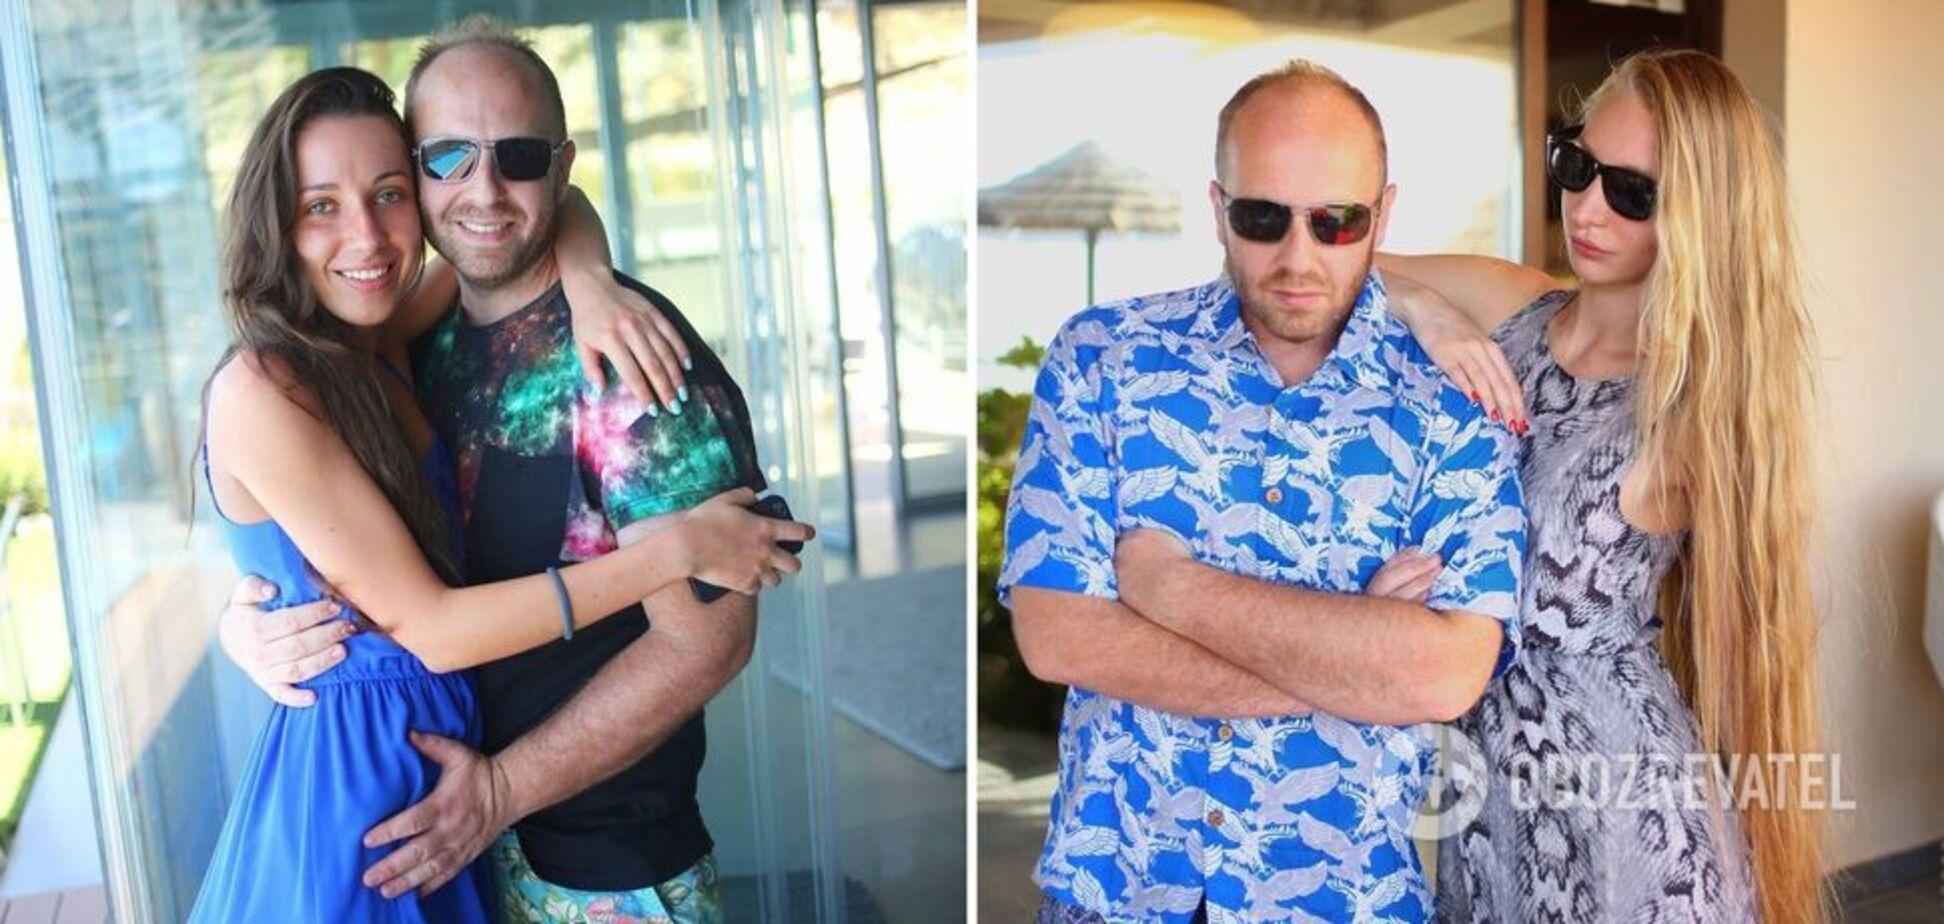 Организатор голой фотосессии в Дубае Виталий Гречин